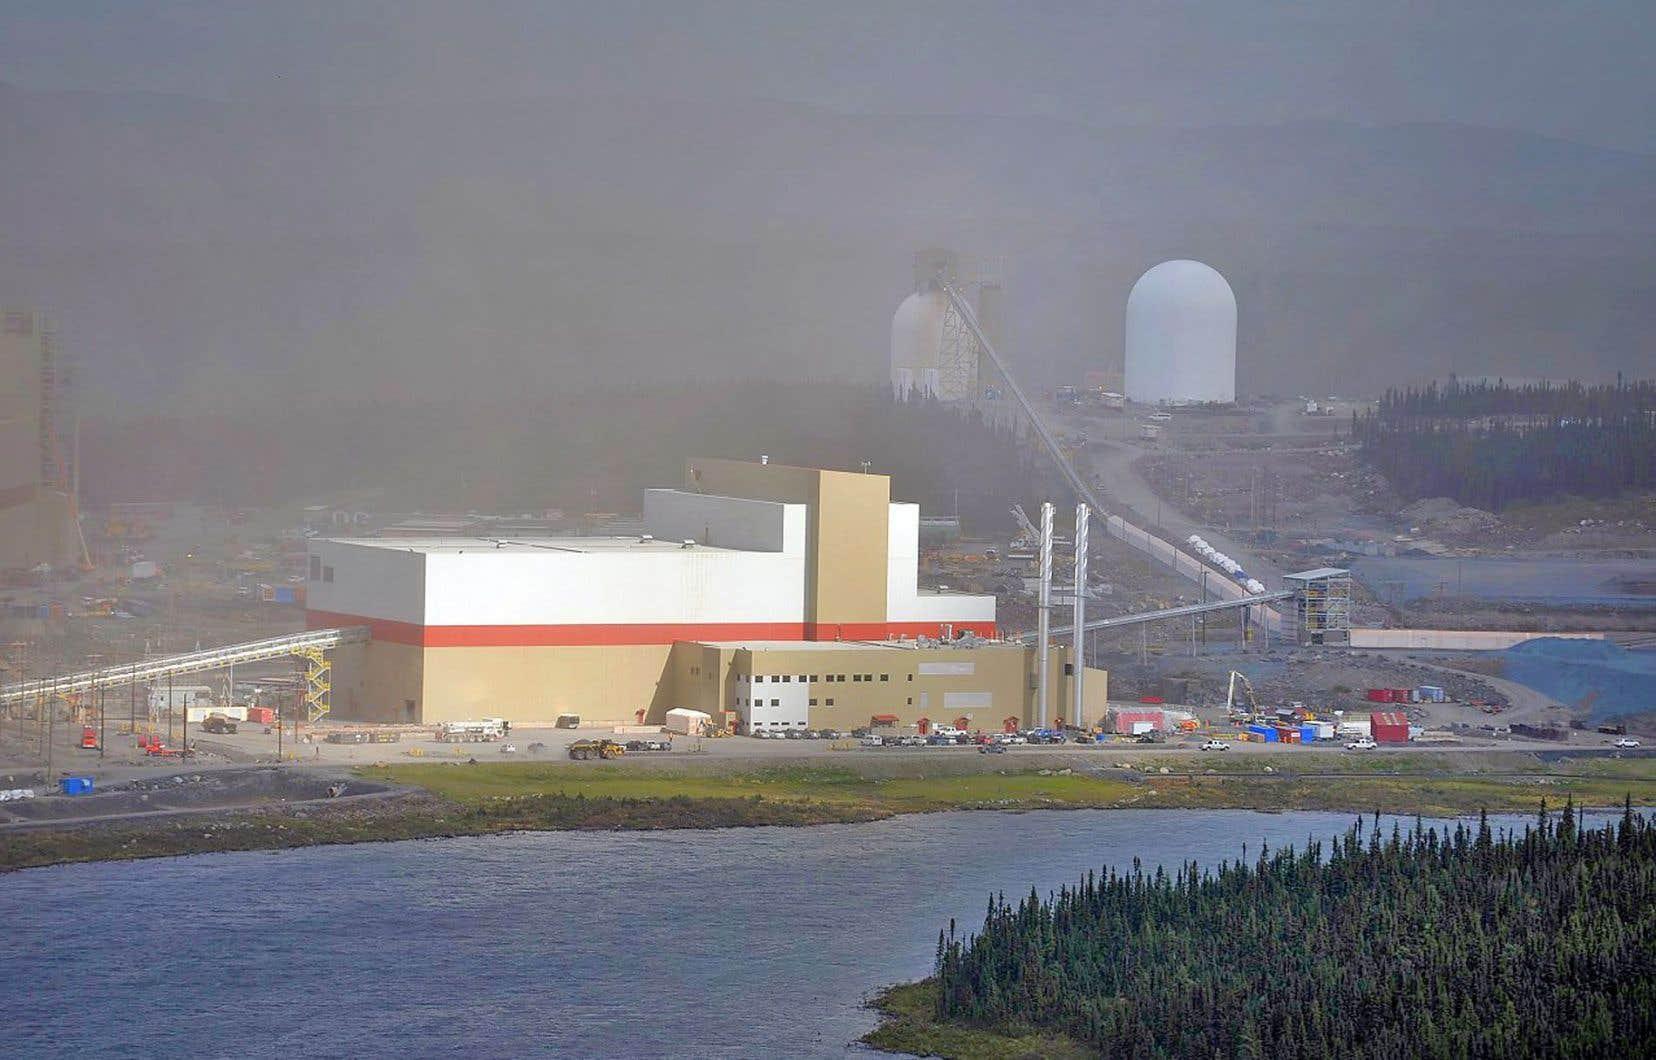 La mine du lac Bloom a cessé ses activités en 2014. Plus de 500 personnes s'étaient alors retrouvées sans emploi.